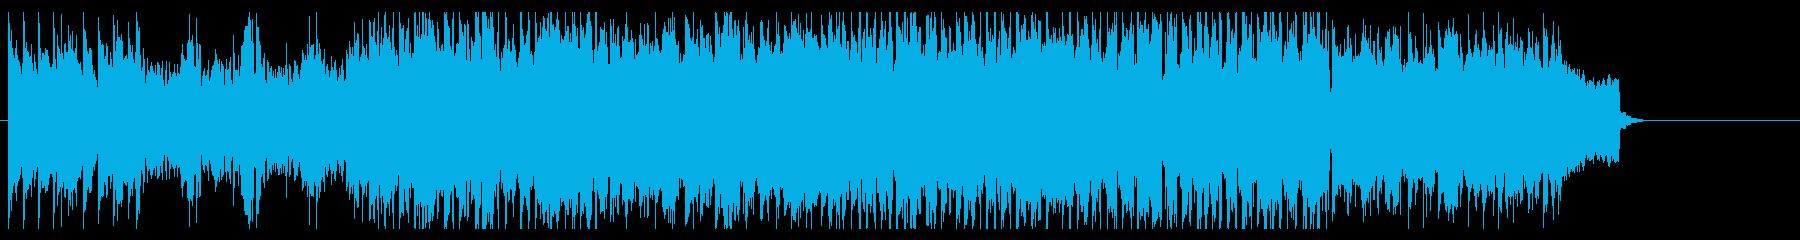 アイリッシュなワールドミュージックの再生済みの波形